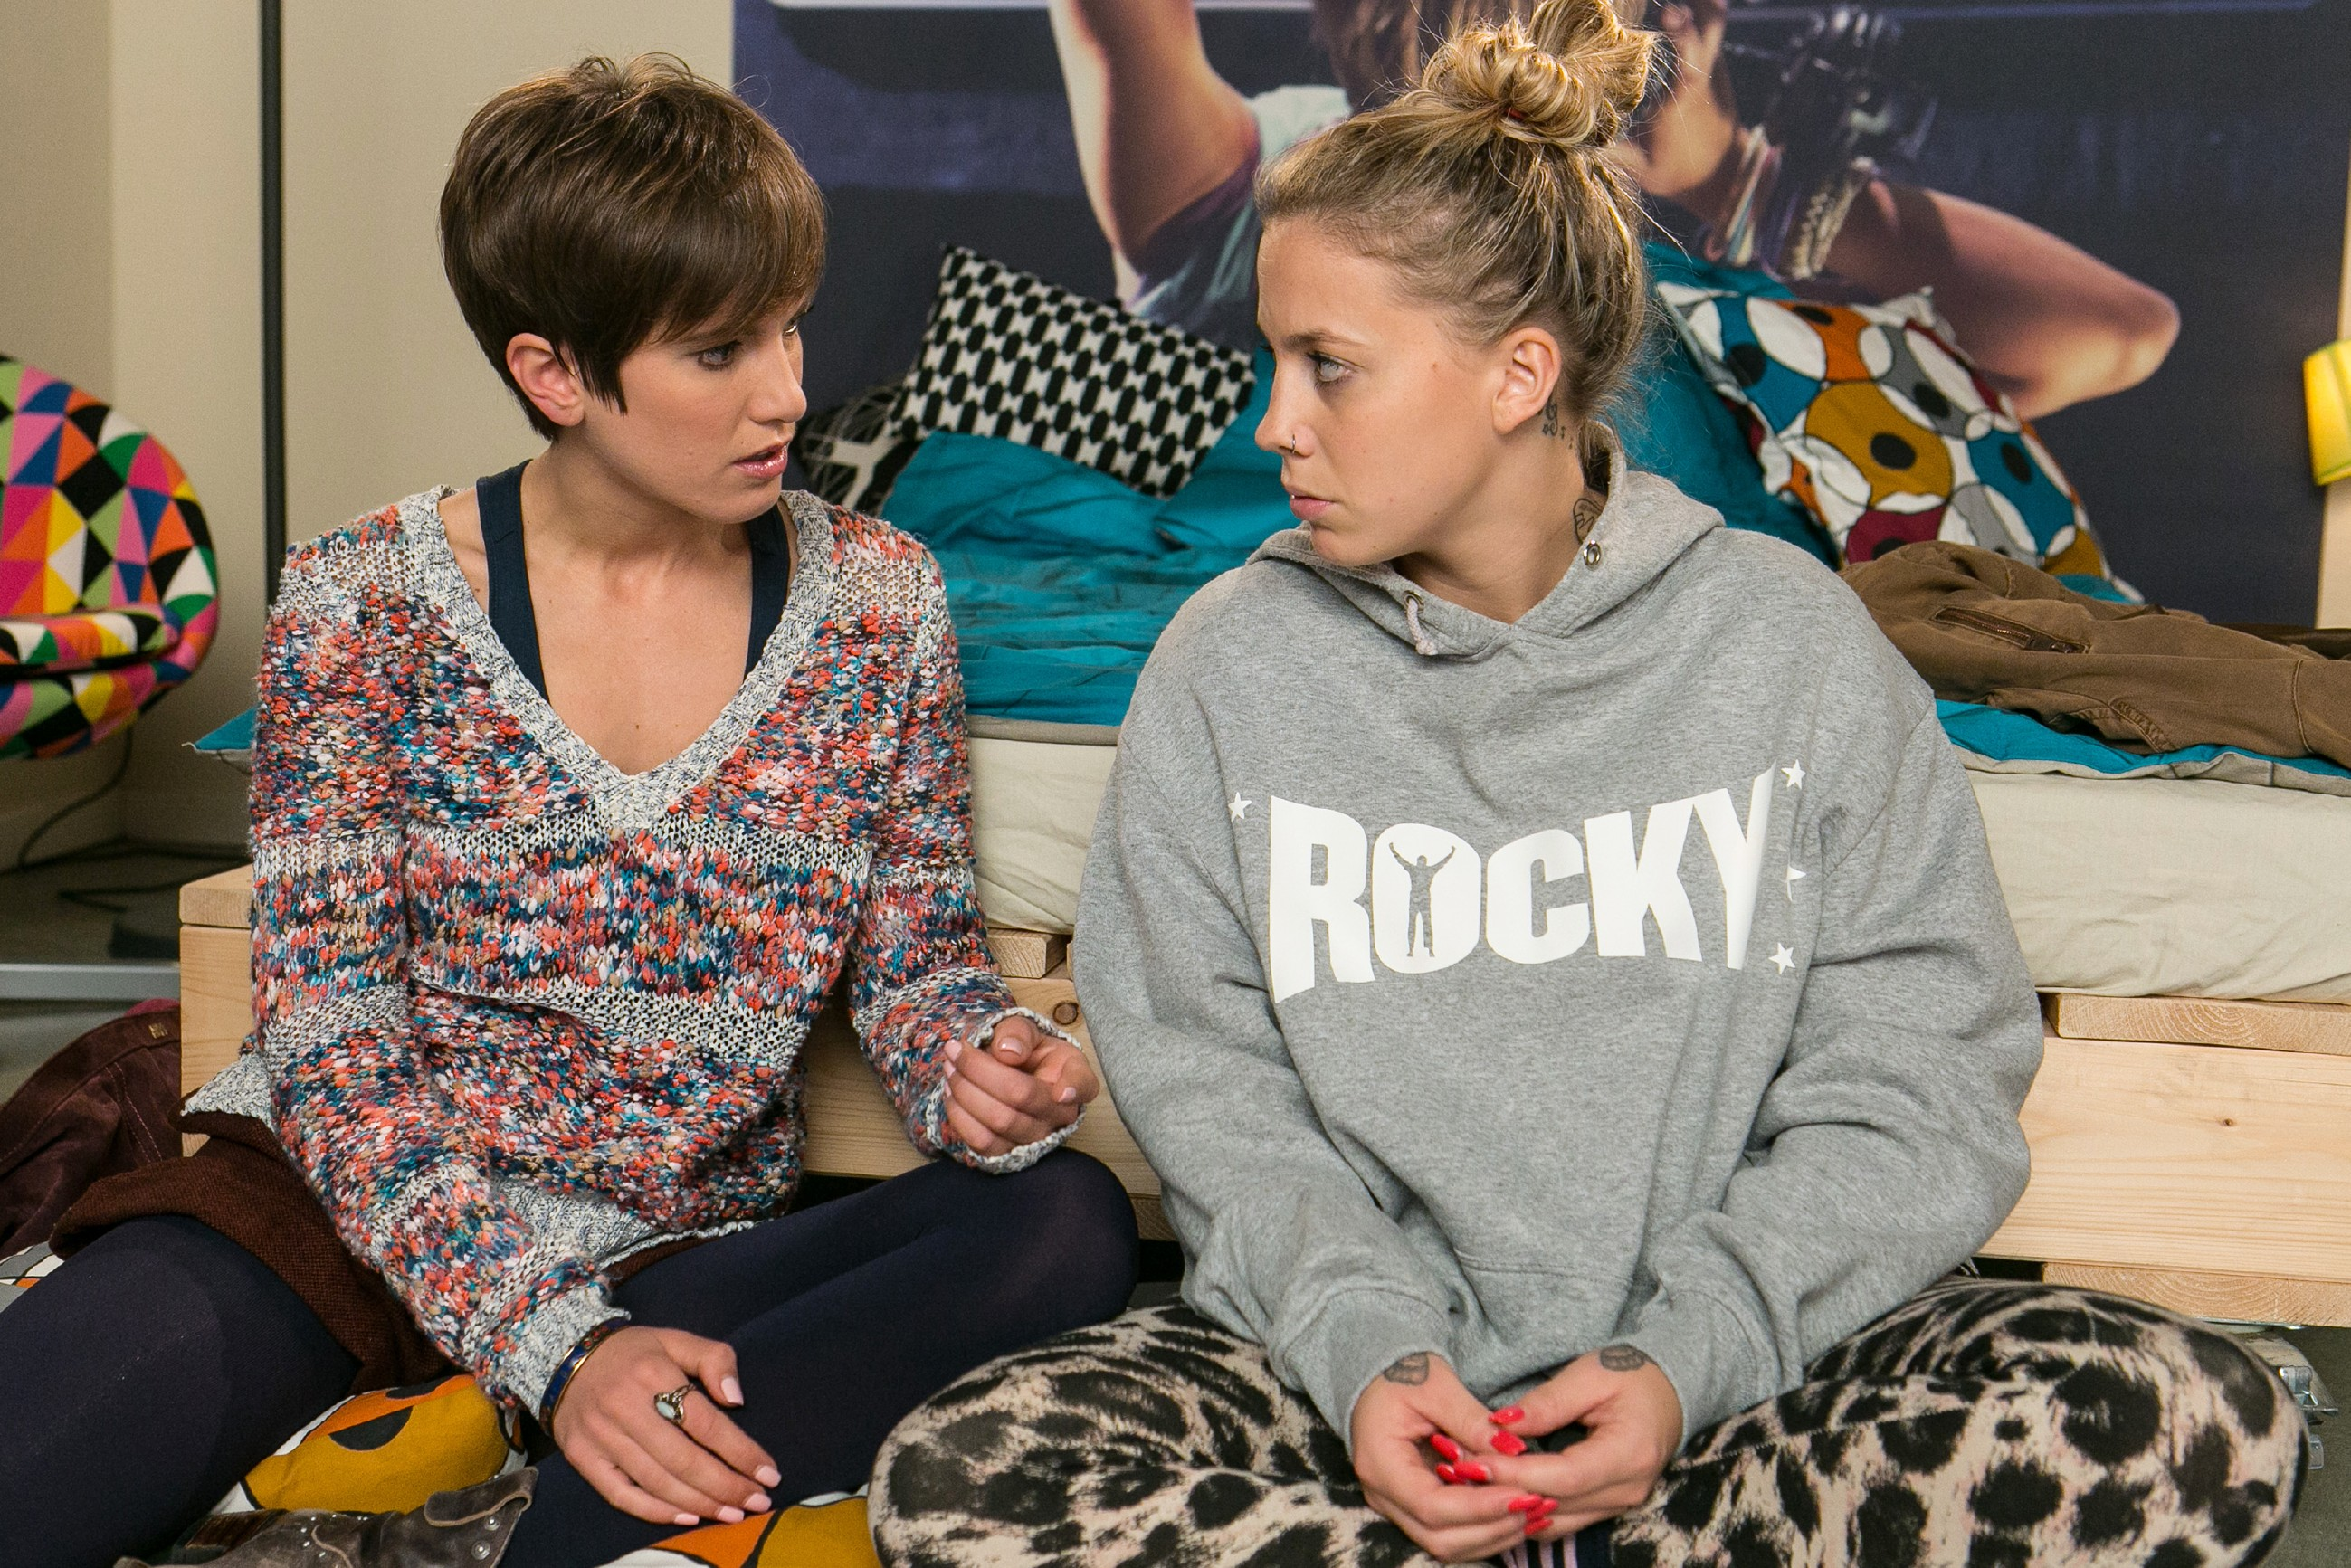 Trotz ihrer eigenen Verzweiflung versucht Pia (Isabell Horn, l.) für Iva (Christina Klein) da zu sein, als sie von den neuesten Entwicklungen hinsichtlich Ivas Stalker erfährt. (Quelle: RTL / Kai Schulz)